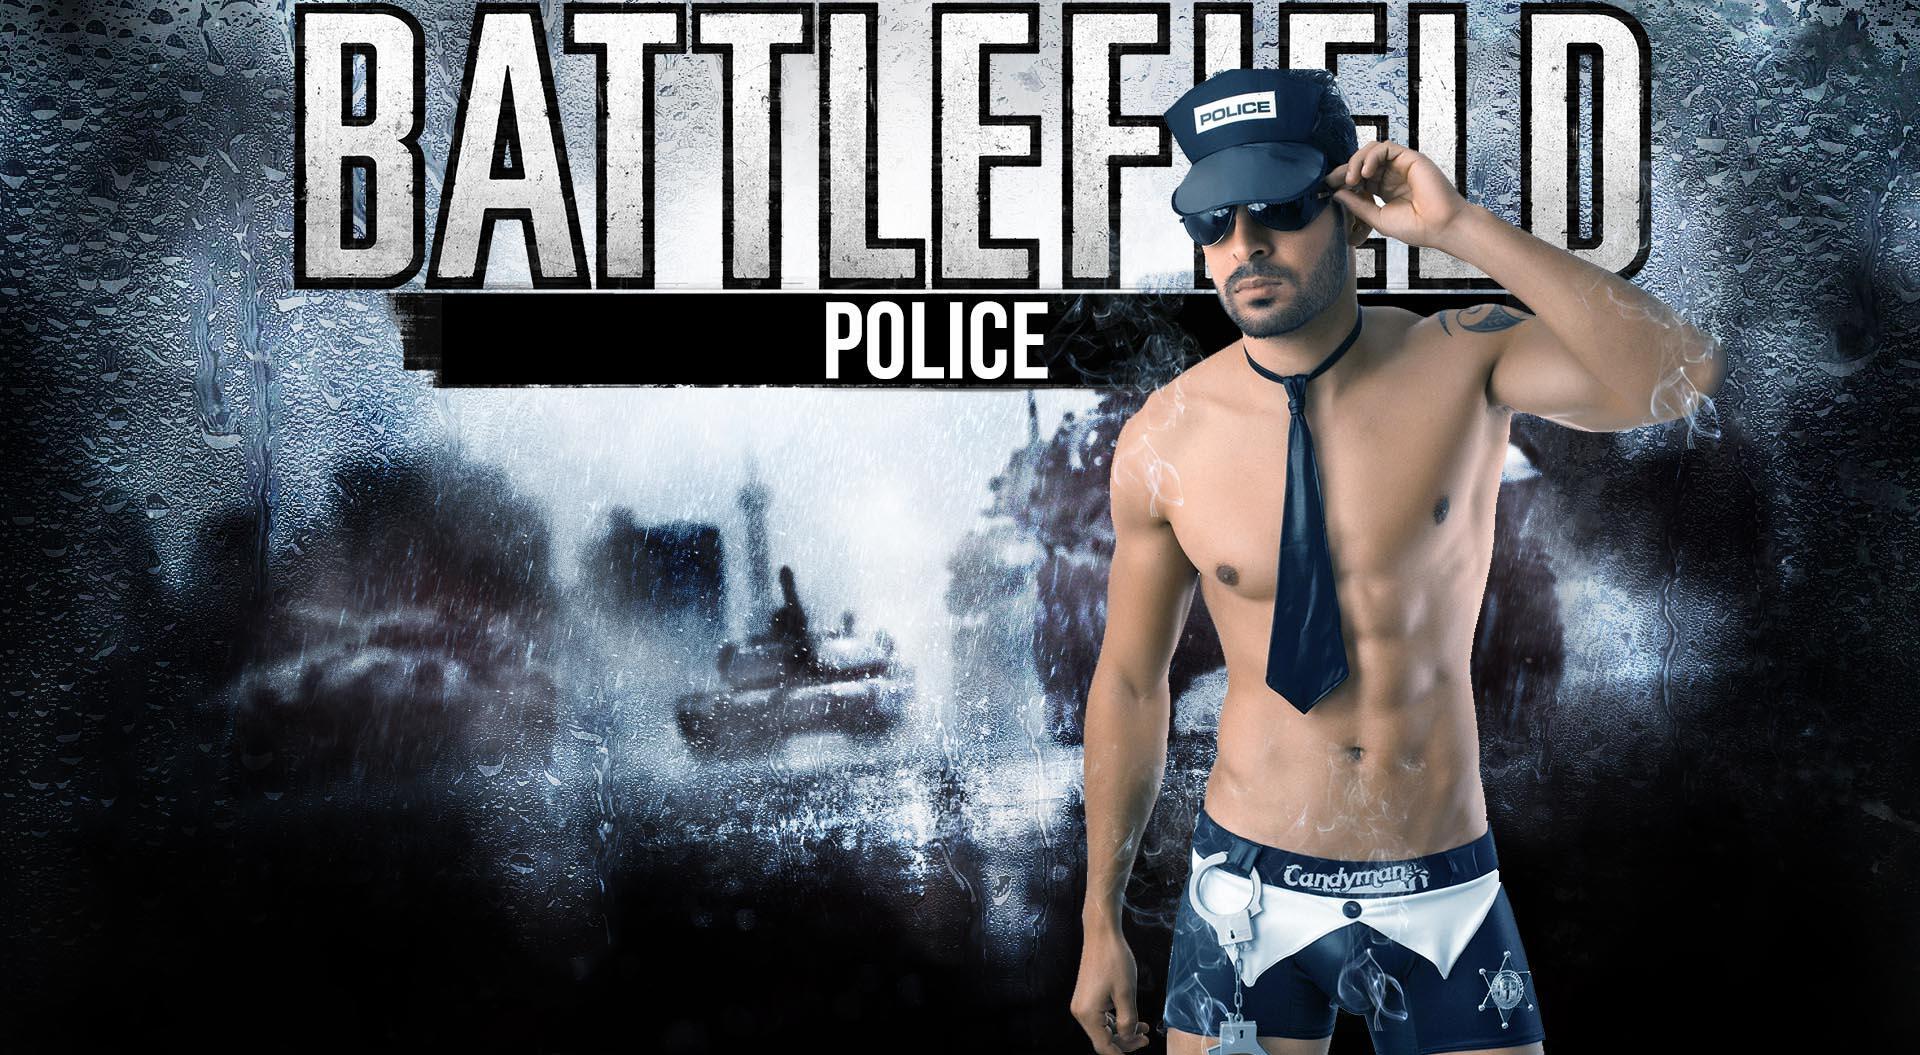 Filtrada imagen de Battlefield POLICE BhKzBC9CEAAJU_m